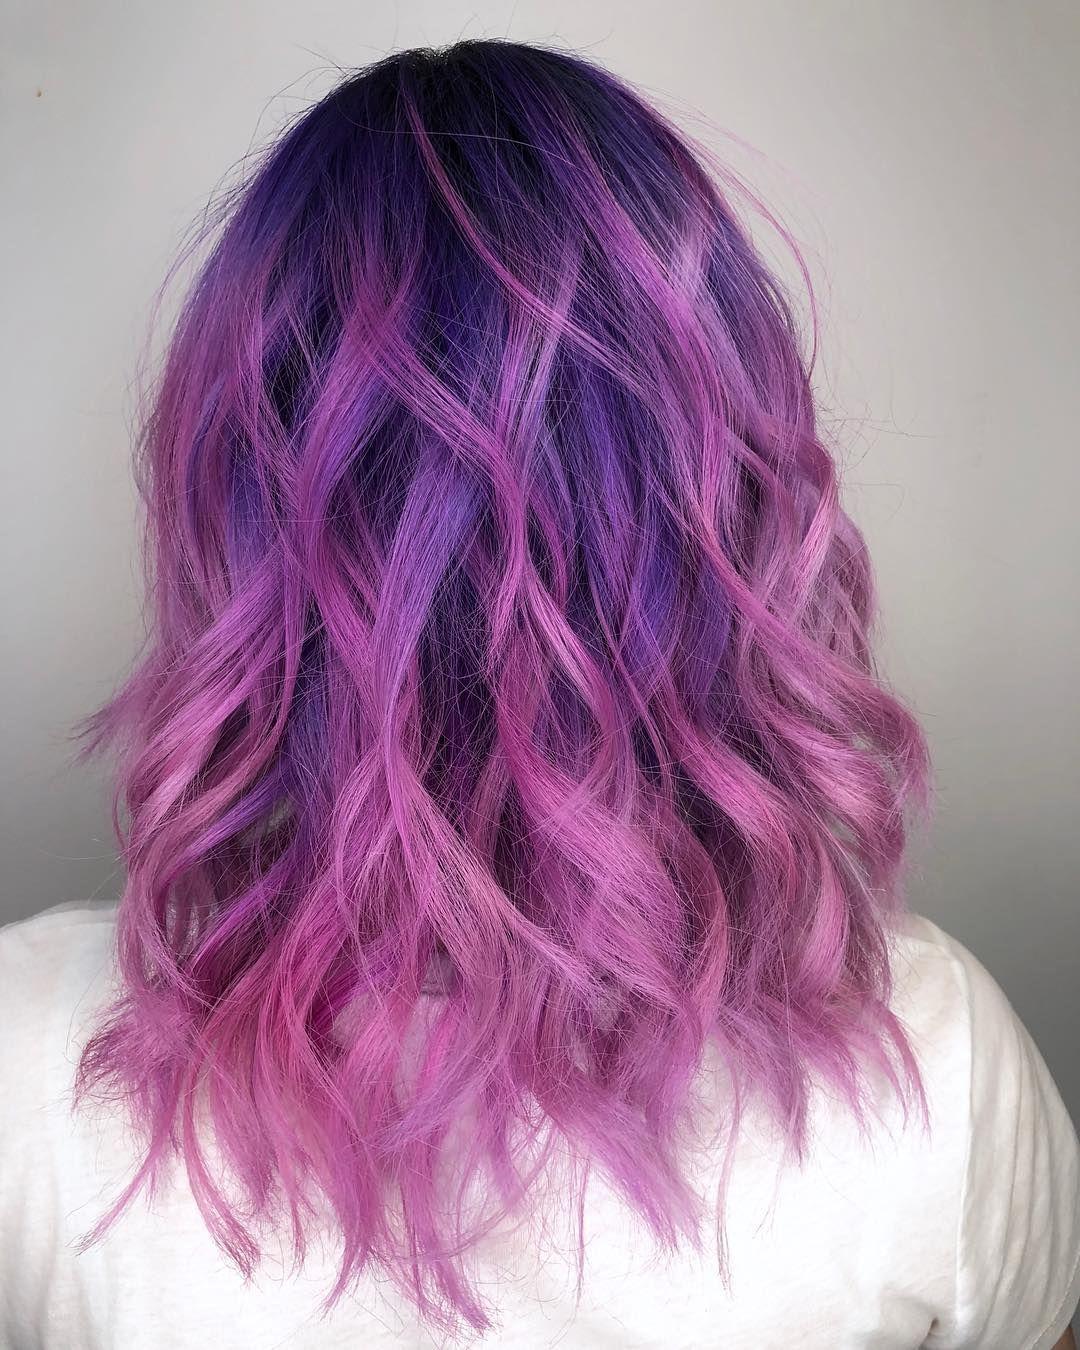 @fameho0ker On Instagram 💜 Purple Hair 💜 #hairdye #hair